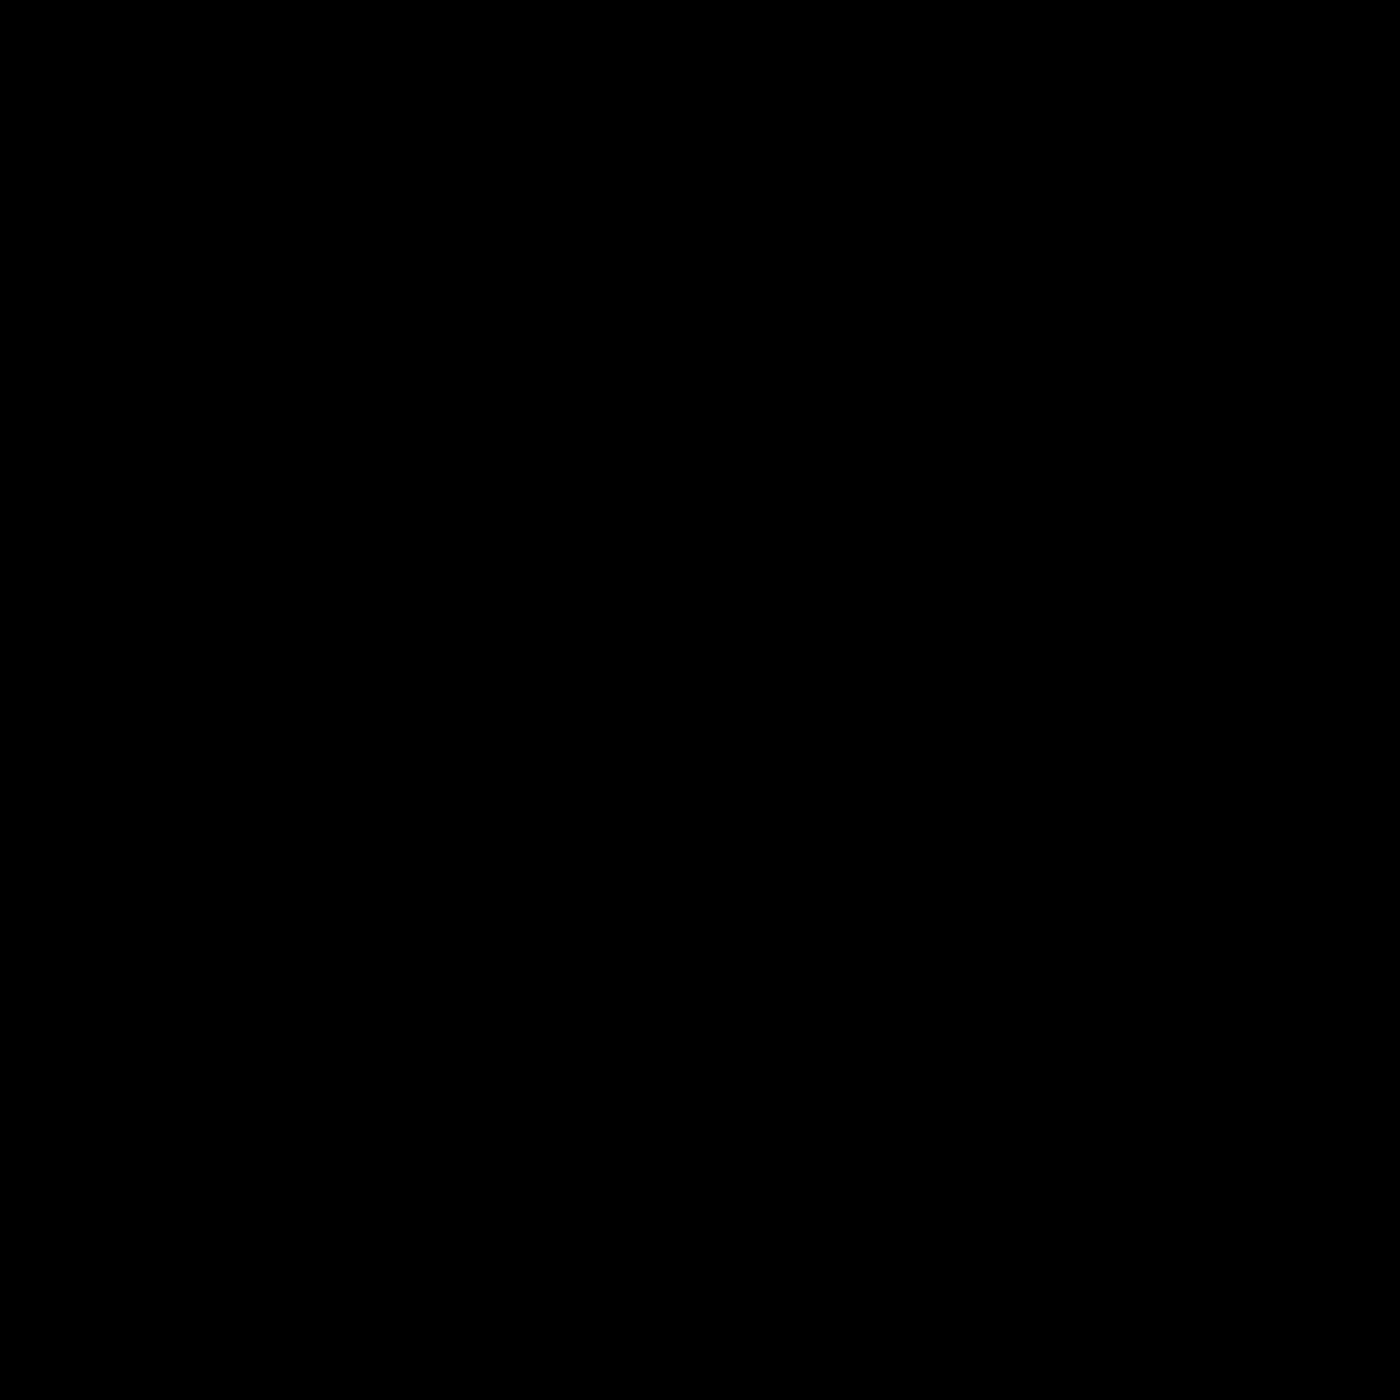 Mobilitaet Icon